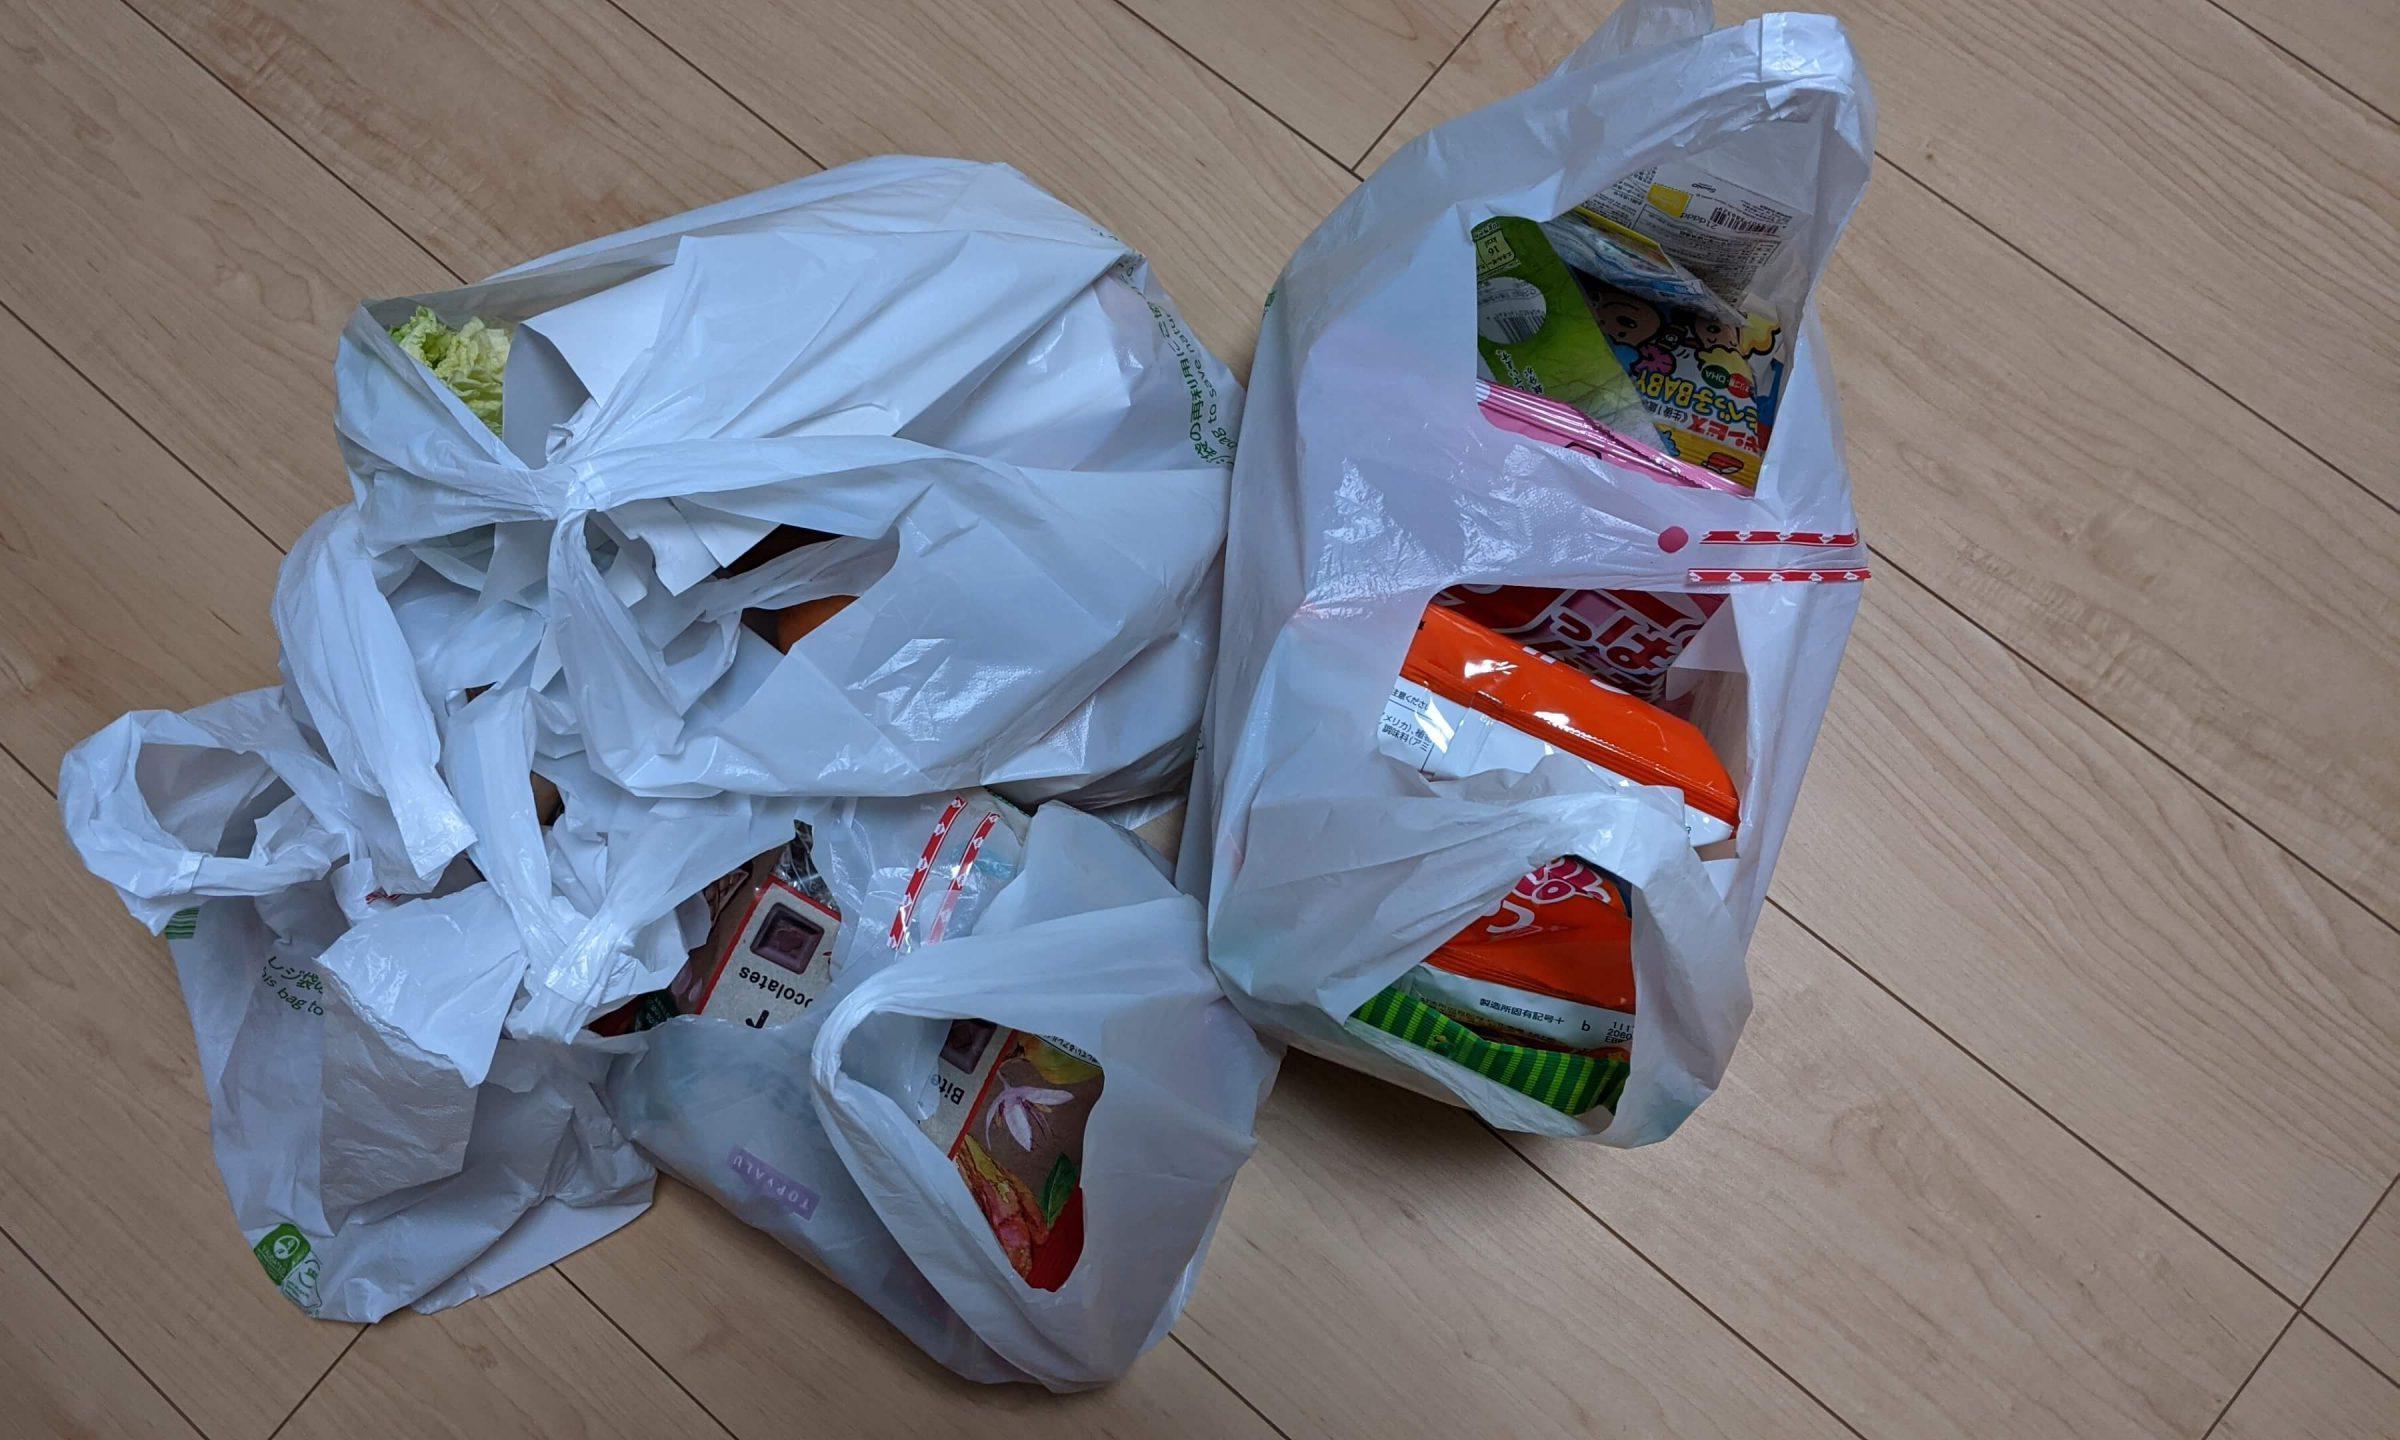 袋詰めされた商品